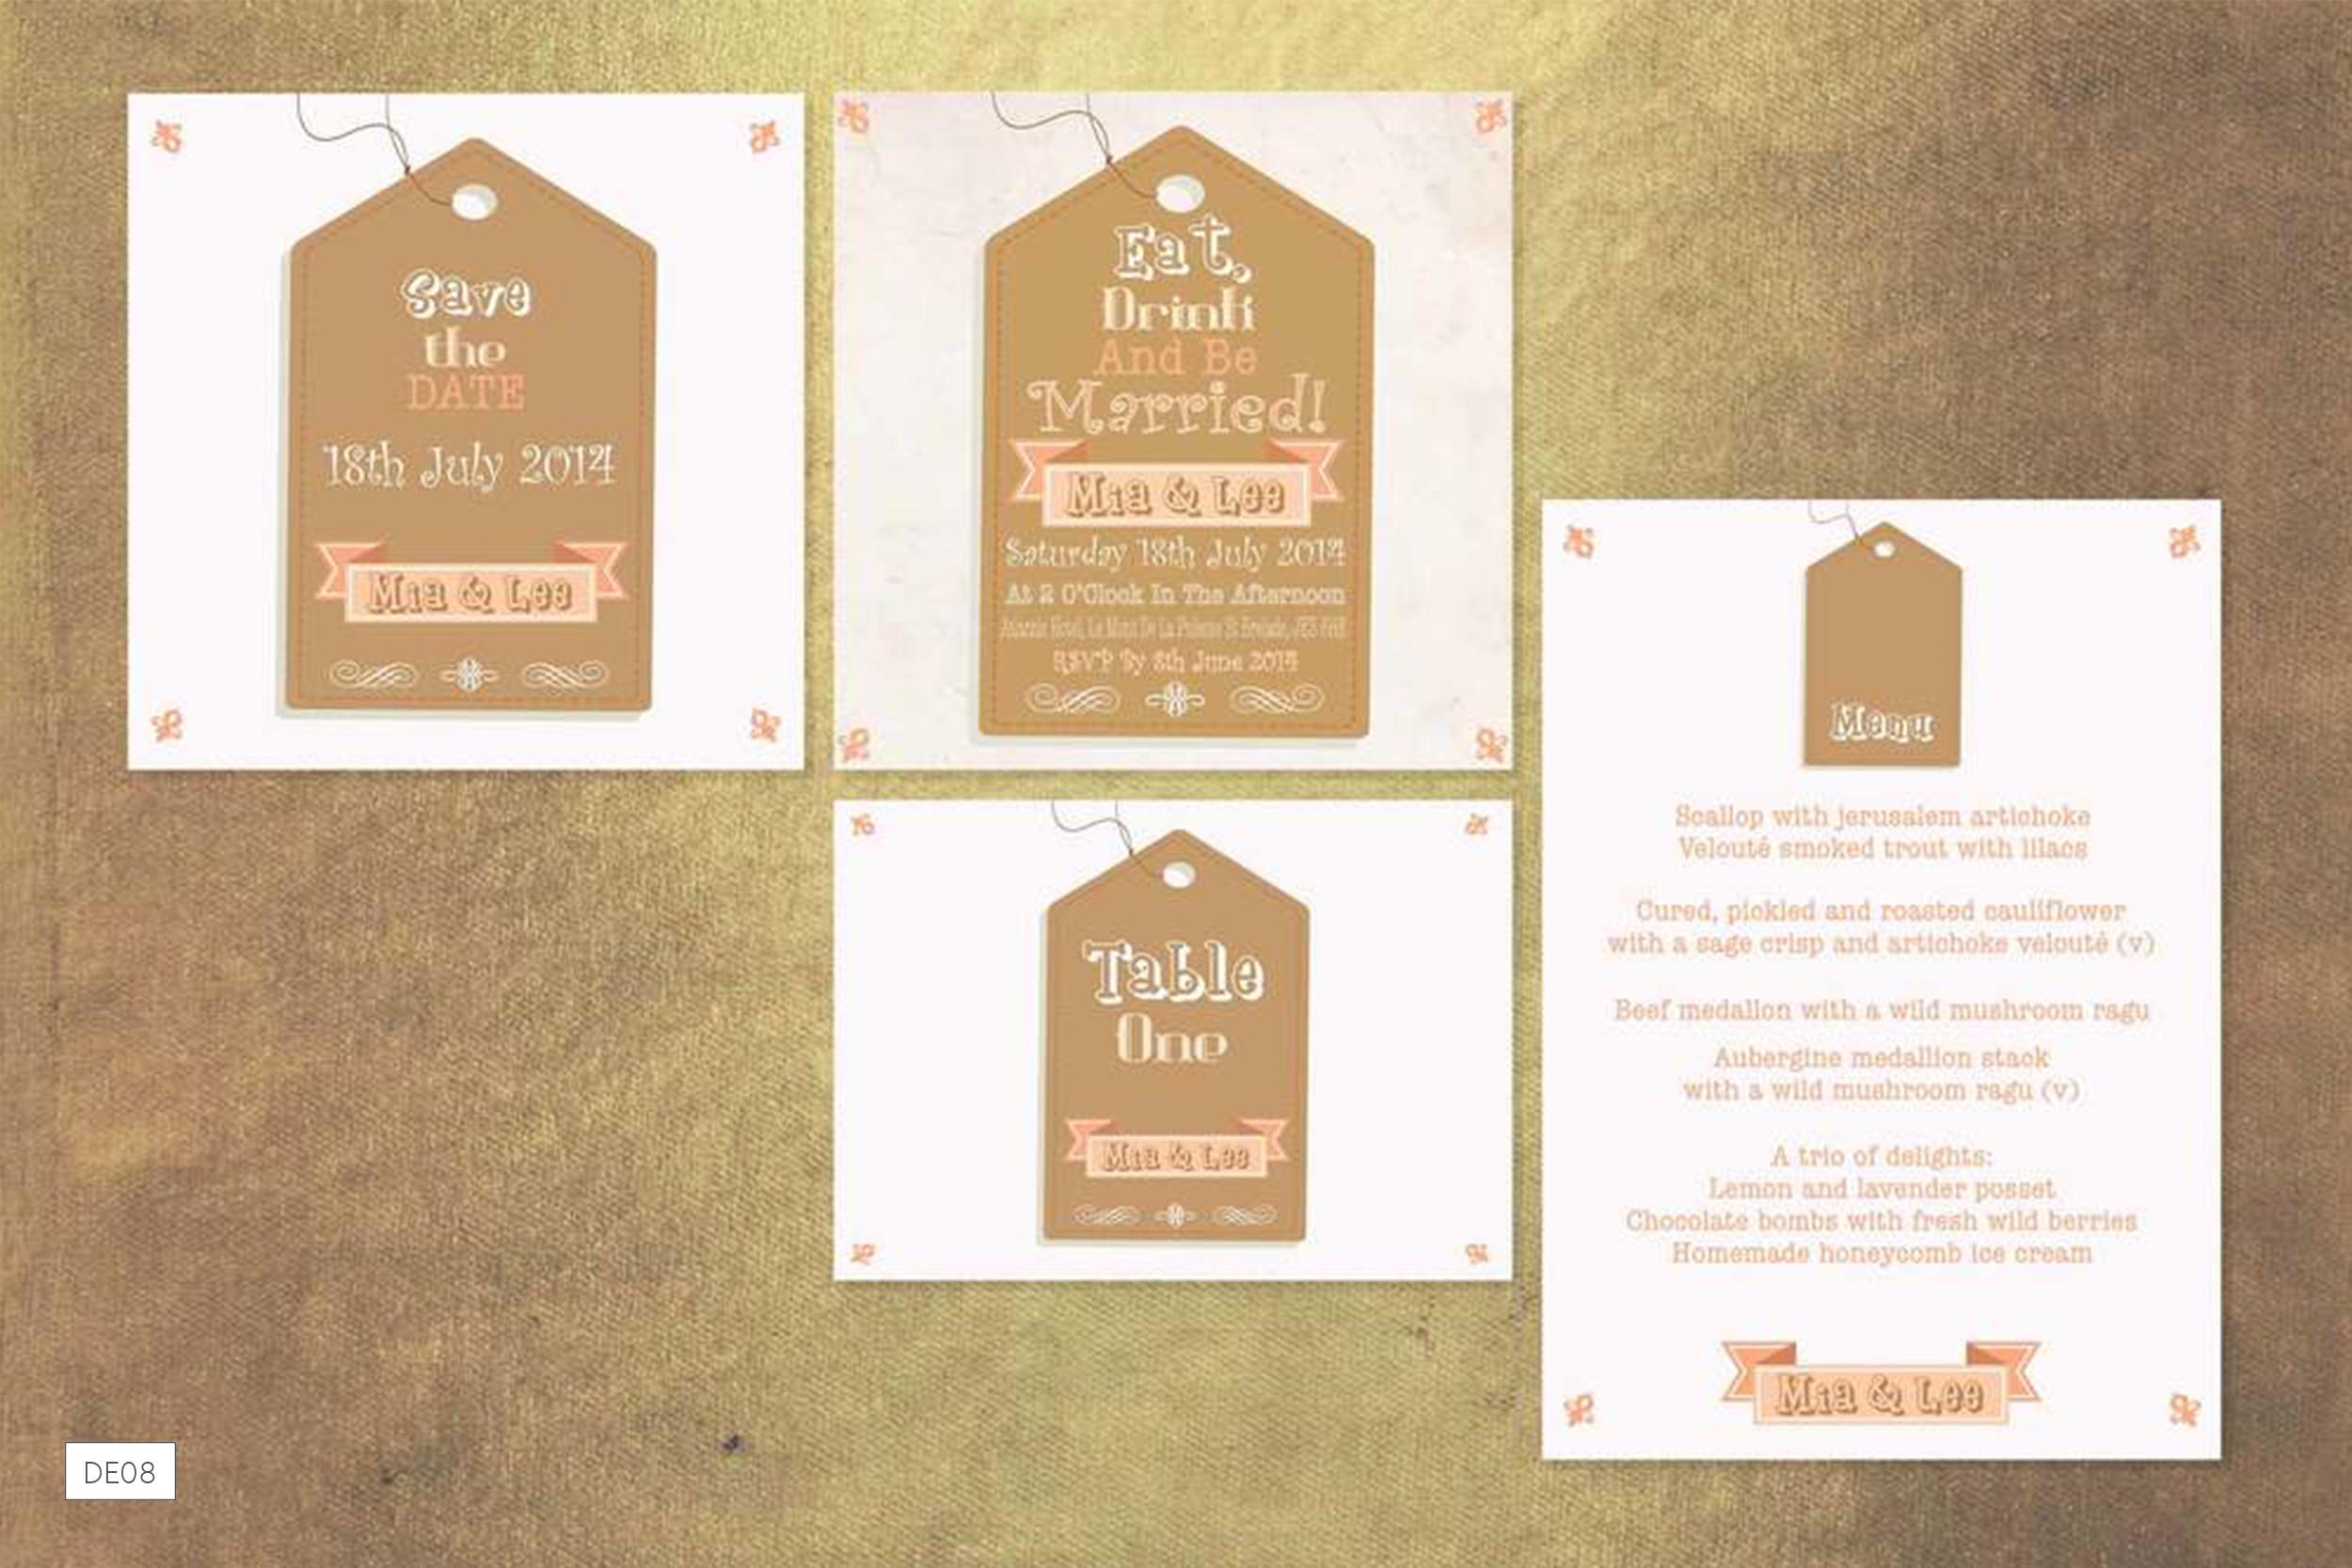 DE08-Destination-Weddings2_ananyacards.com.jpg